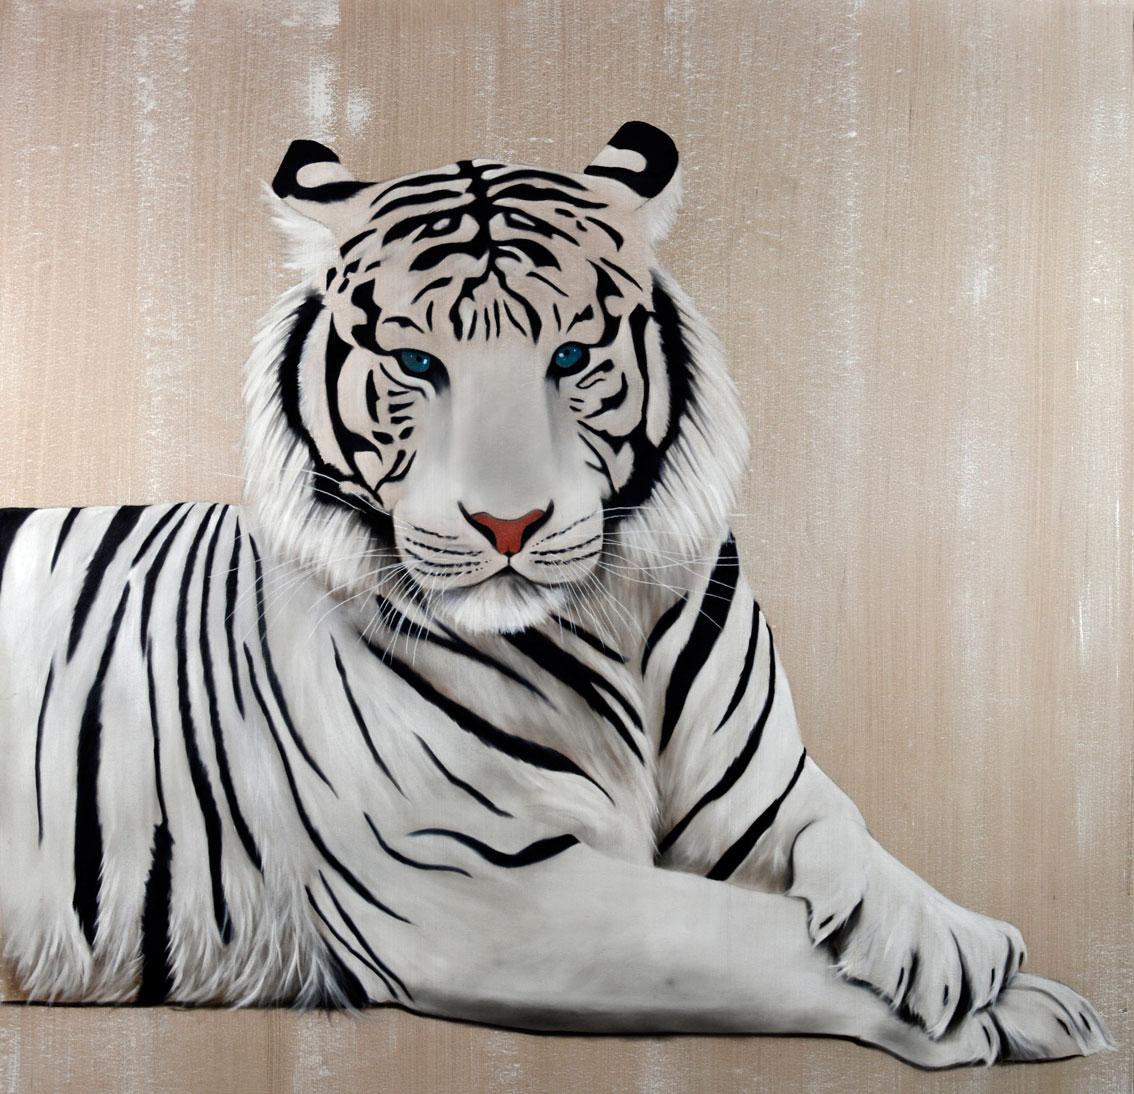 White tiger tigre blanc thierry bisch artiste peintre - Image dessin tigre ...